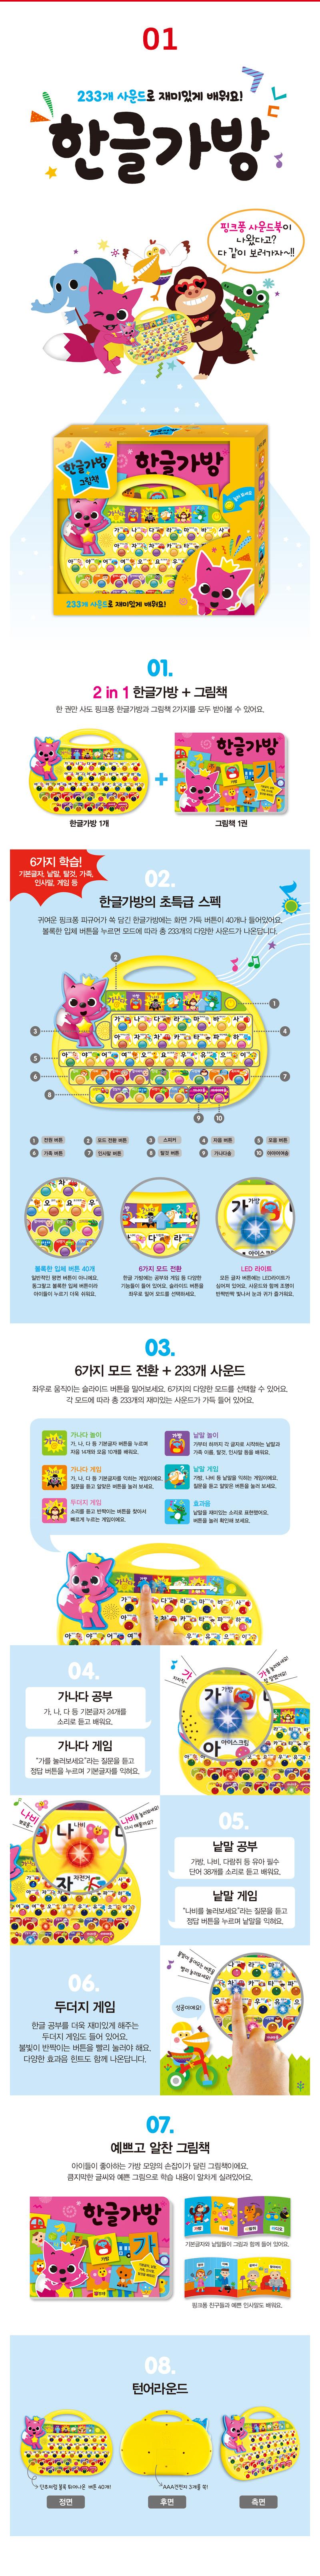 삼성출판사 핑크퐁 사운드북 4종 (한글가방/스마트폰/워치/패드)